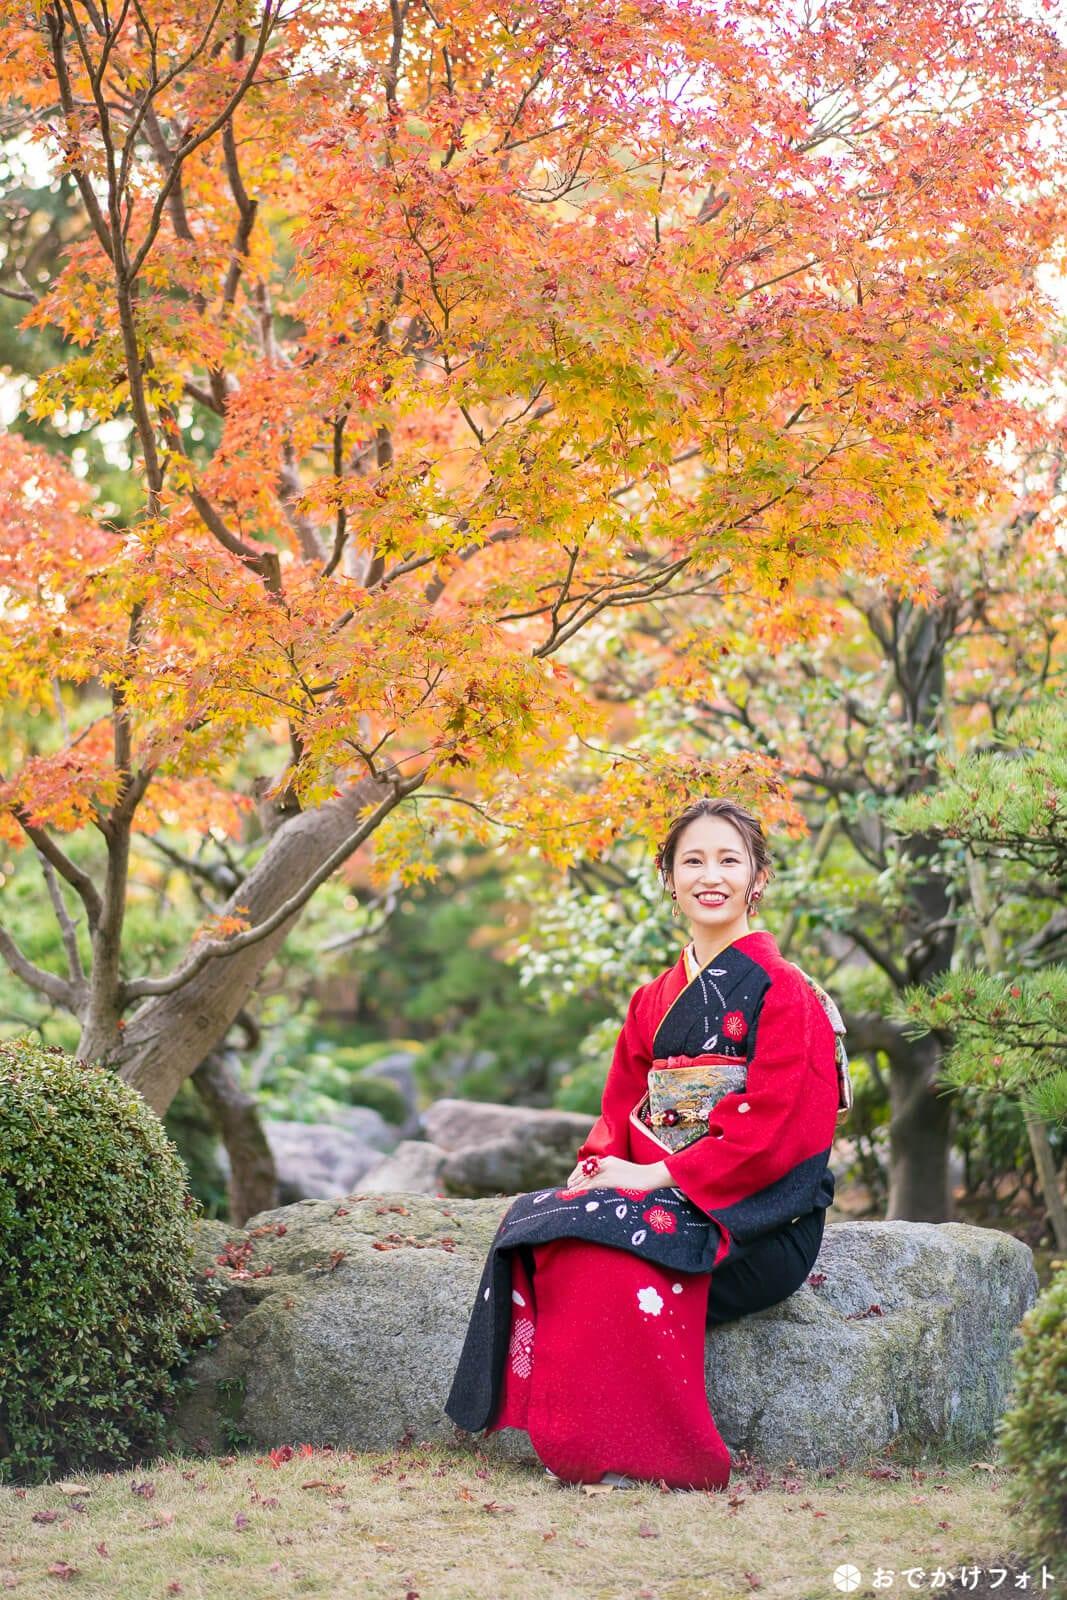 大濠公園の日本庭園で成人式前撮り